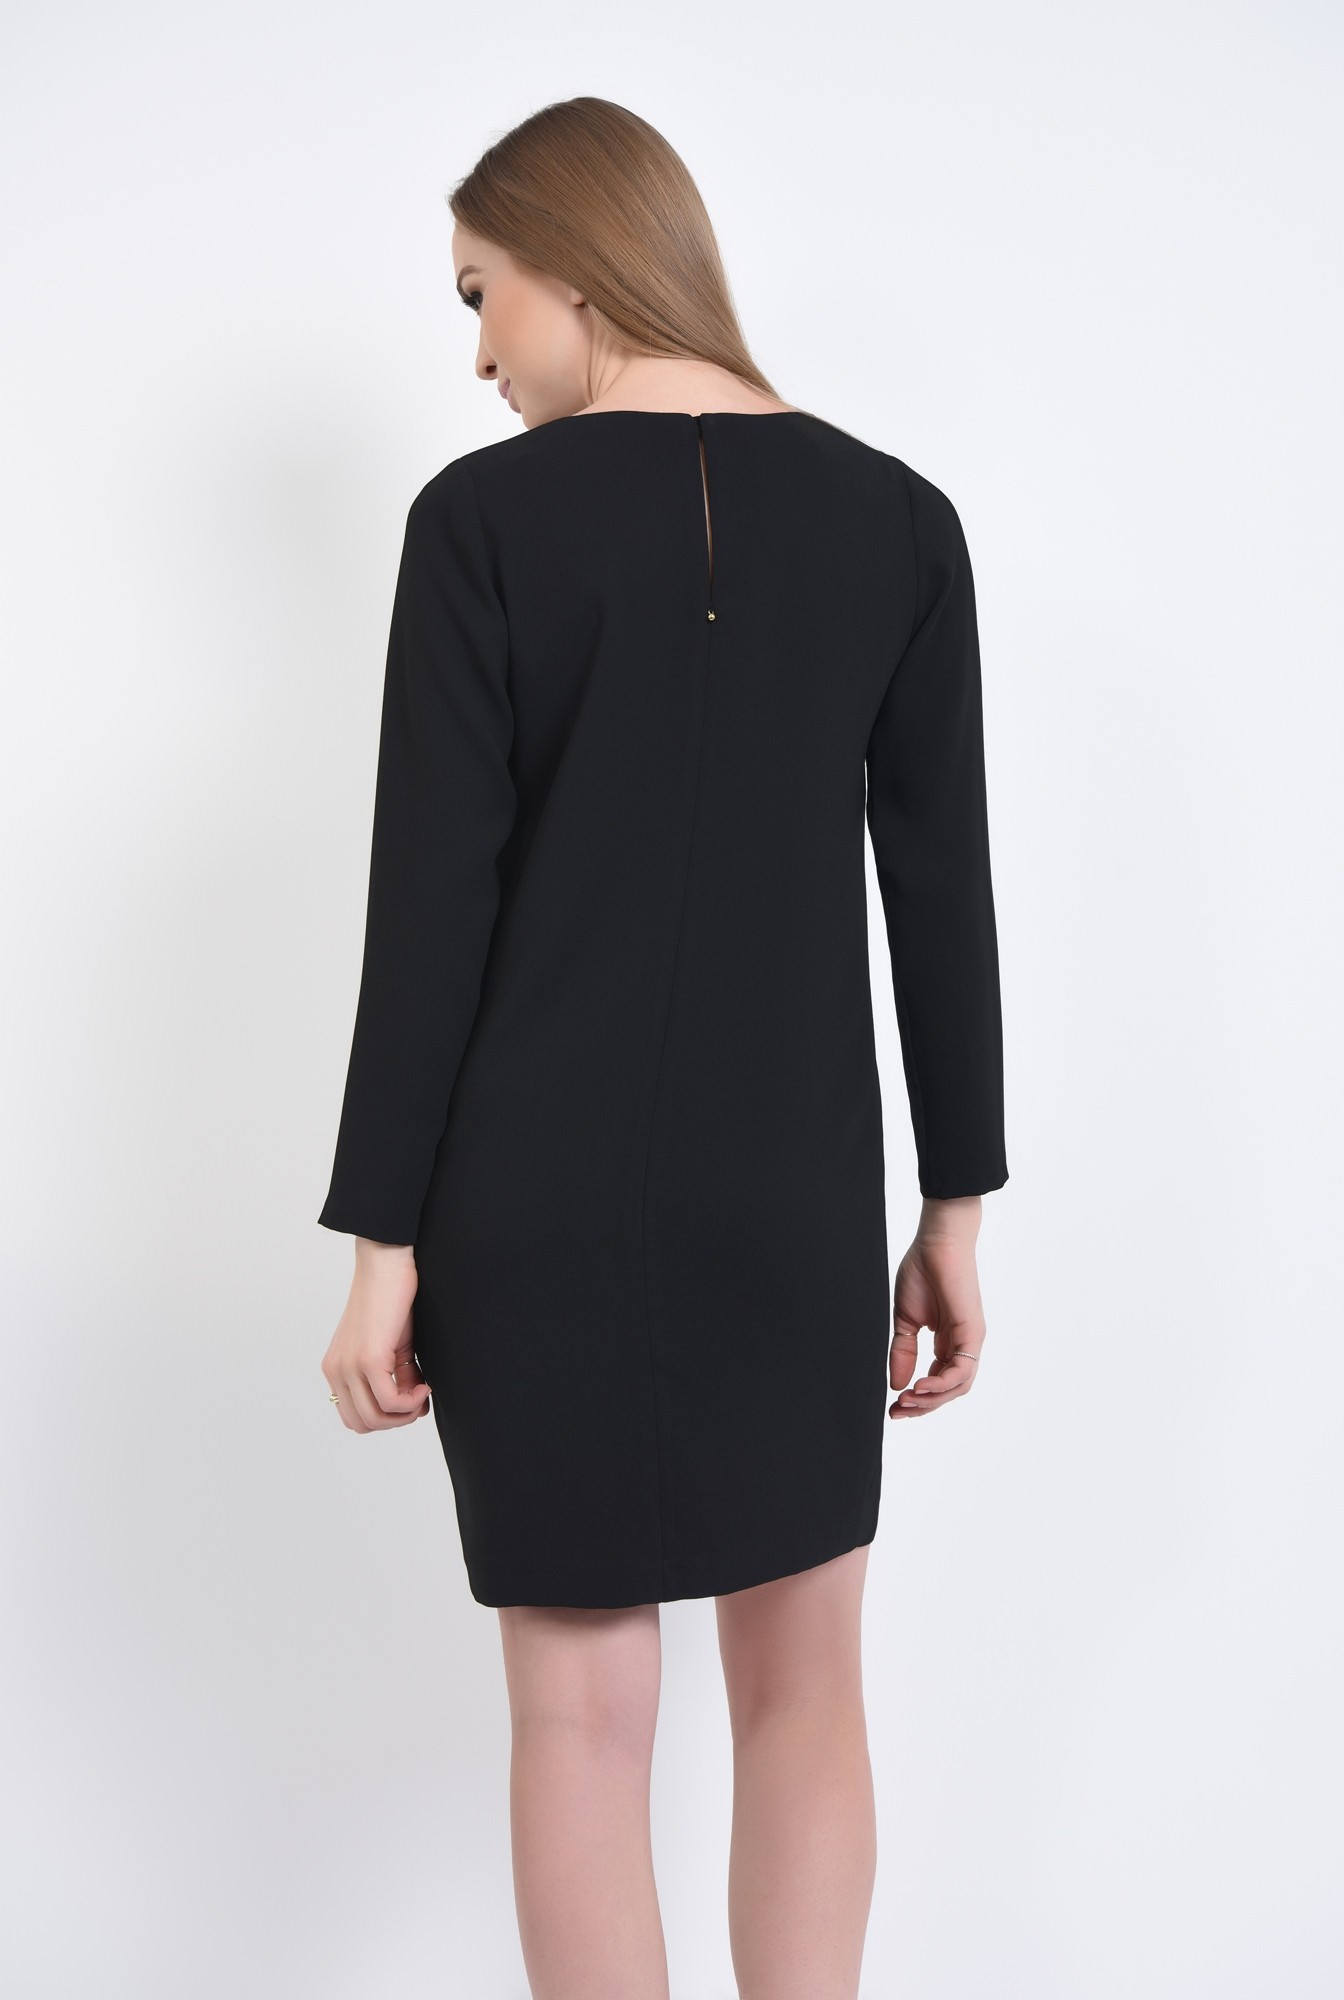 1 - Rochie casual neagra, mini